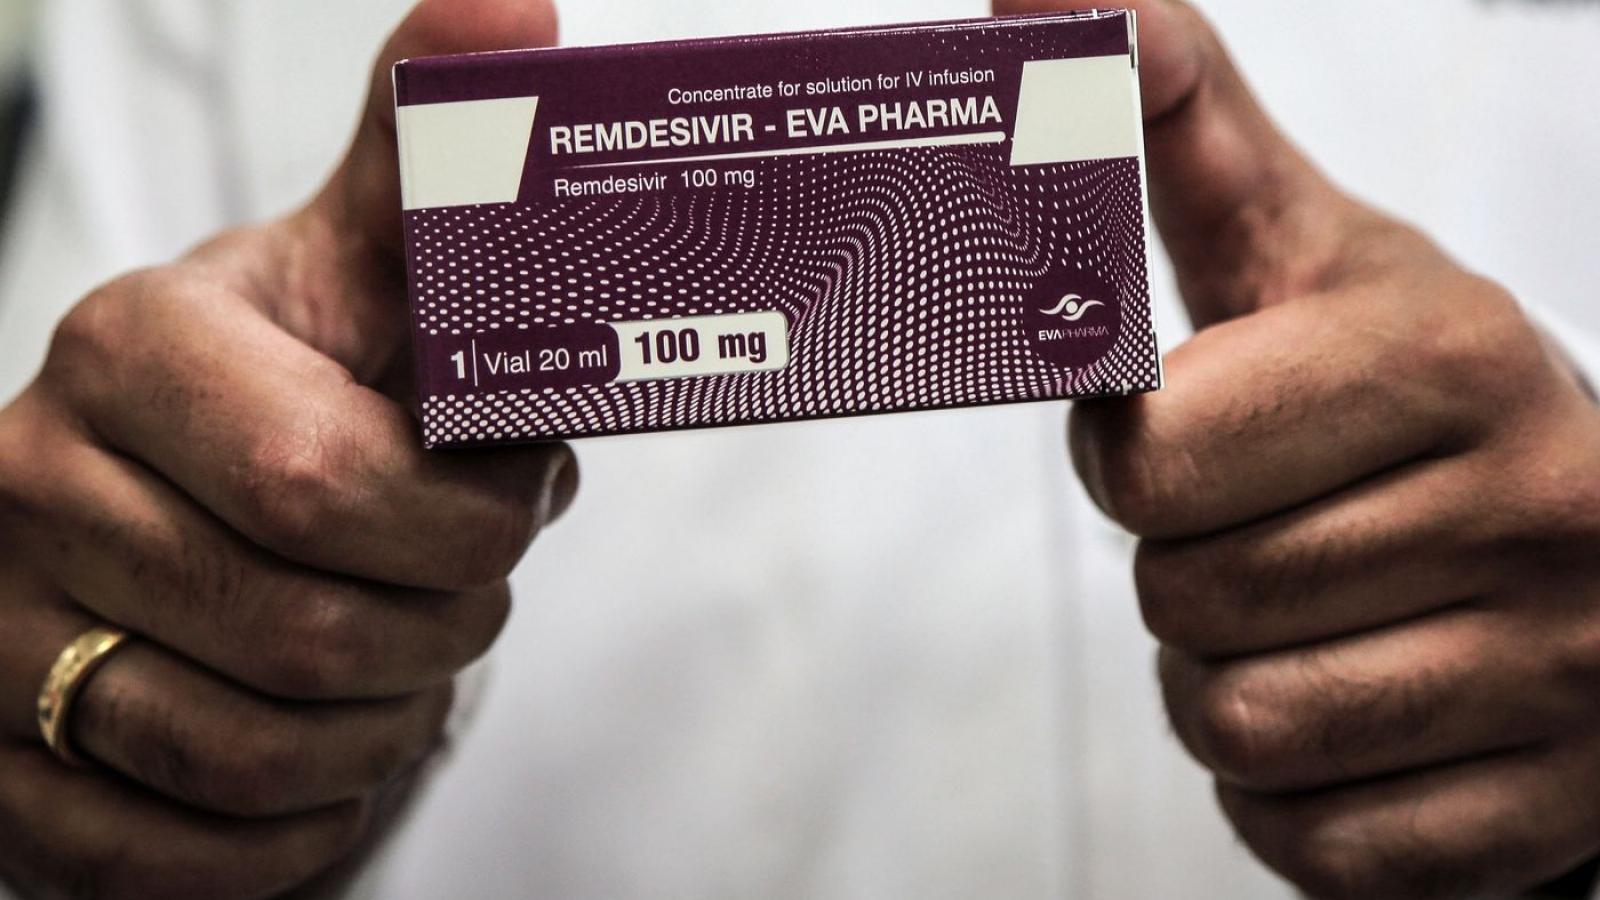 Khoảng 10.000 lọ thuốc Remdesivir đầu tiên đã về tới TP.HCM